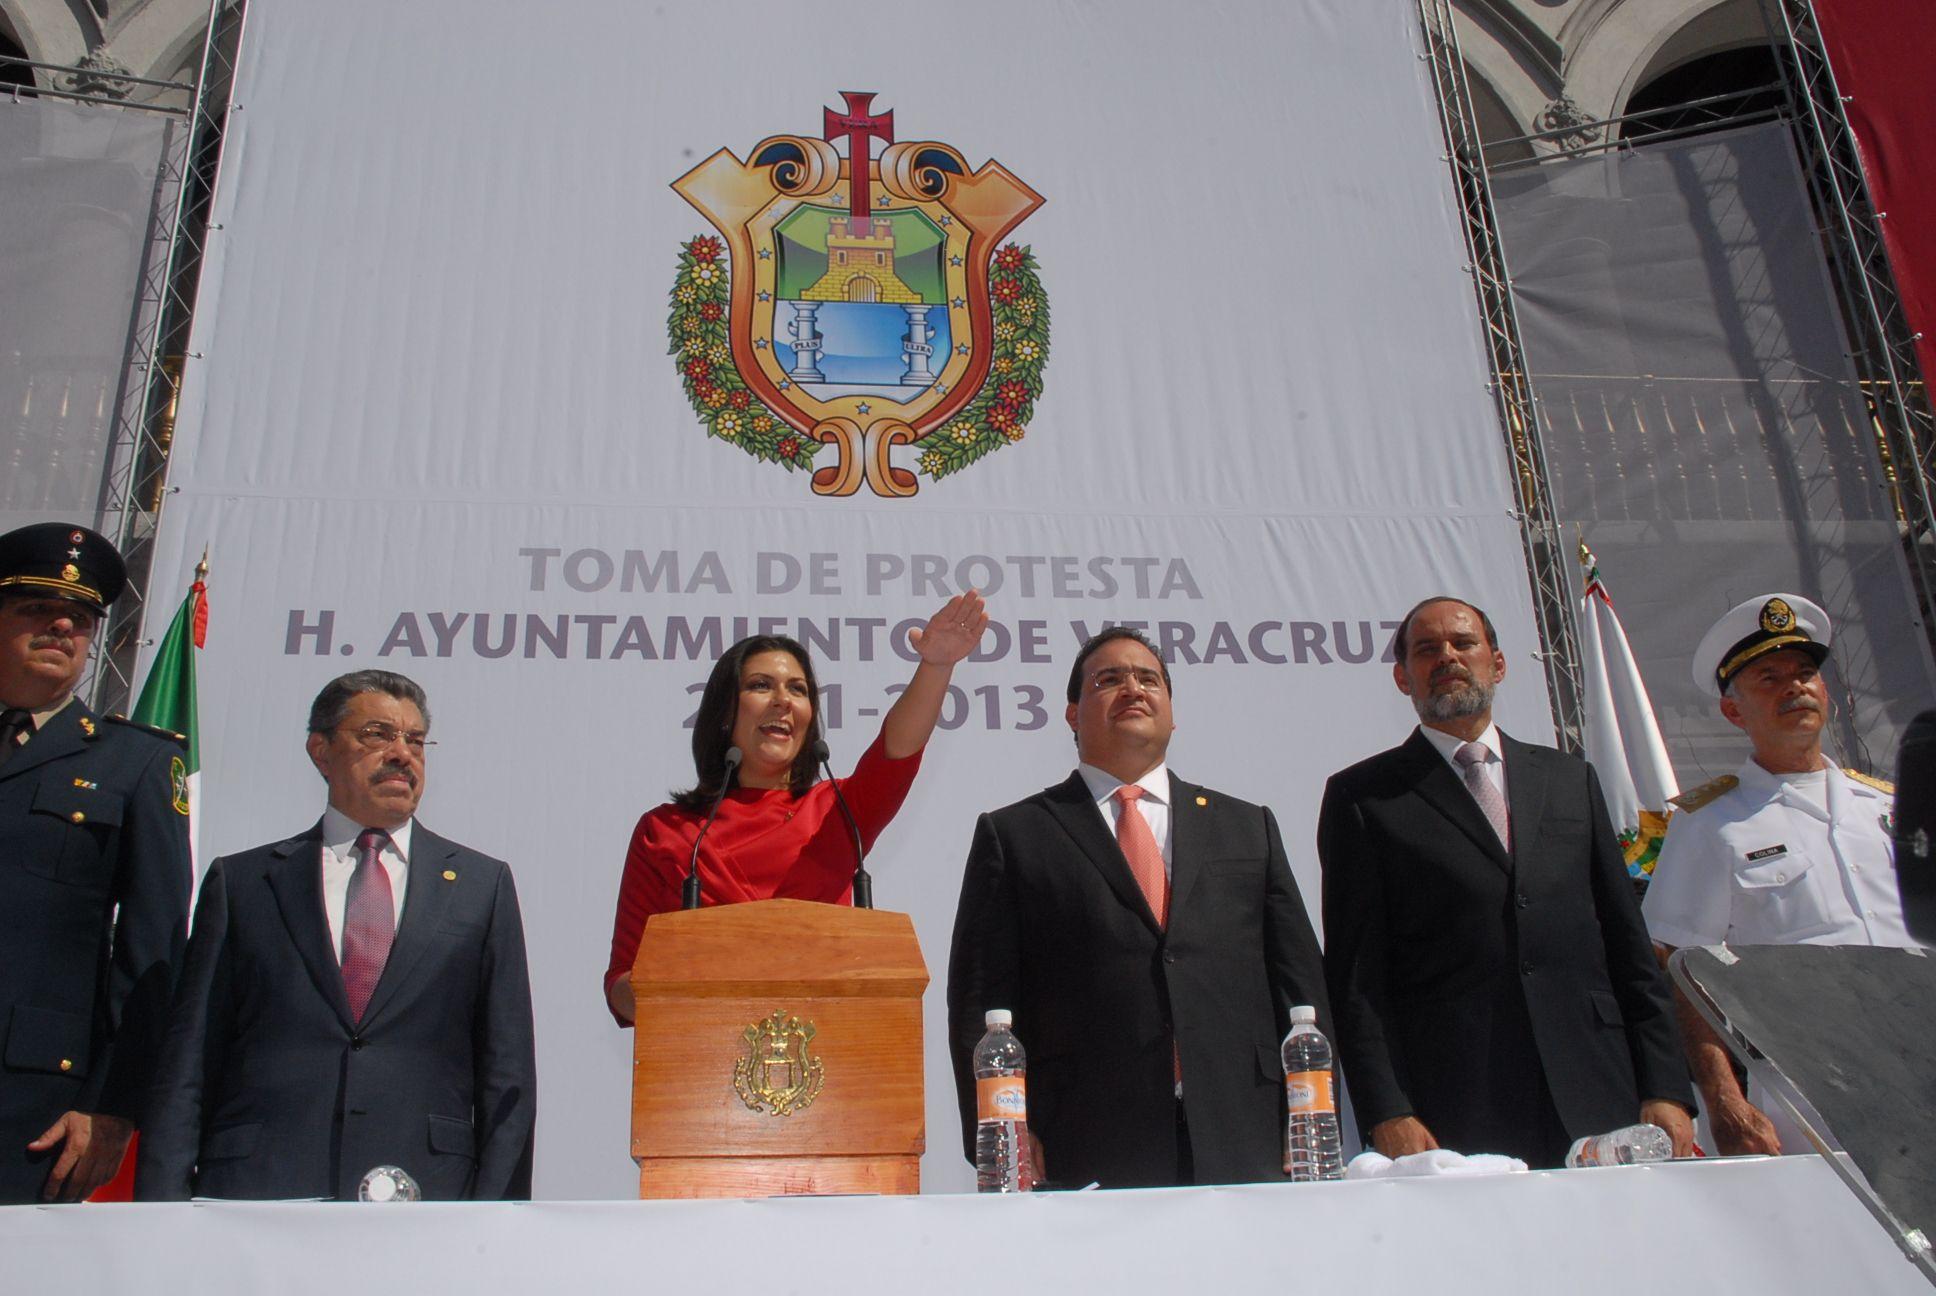 El Gobernador de Veracruz, Javier Duarte de Ochoa, asistió a la Ceremonia de toma de protesta de ley de la Lic. Elizabeth Morales García como Presidenta Municipal de Xalapa, el 31 de diciembre de 2010, donde la felicitó y le dio la bienvenida a la nueva administración frente al inicio de una nueva etapa política